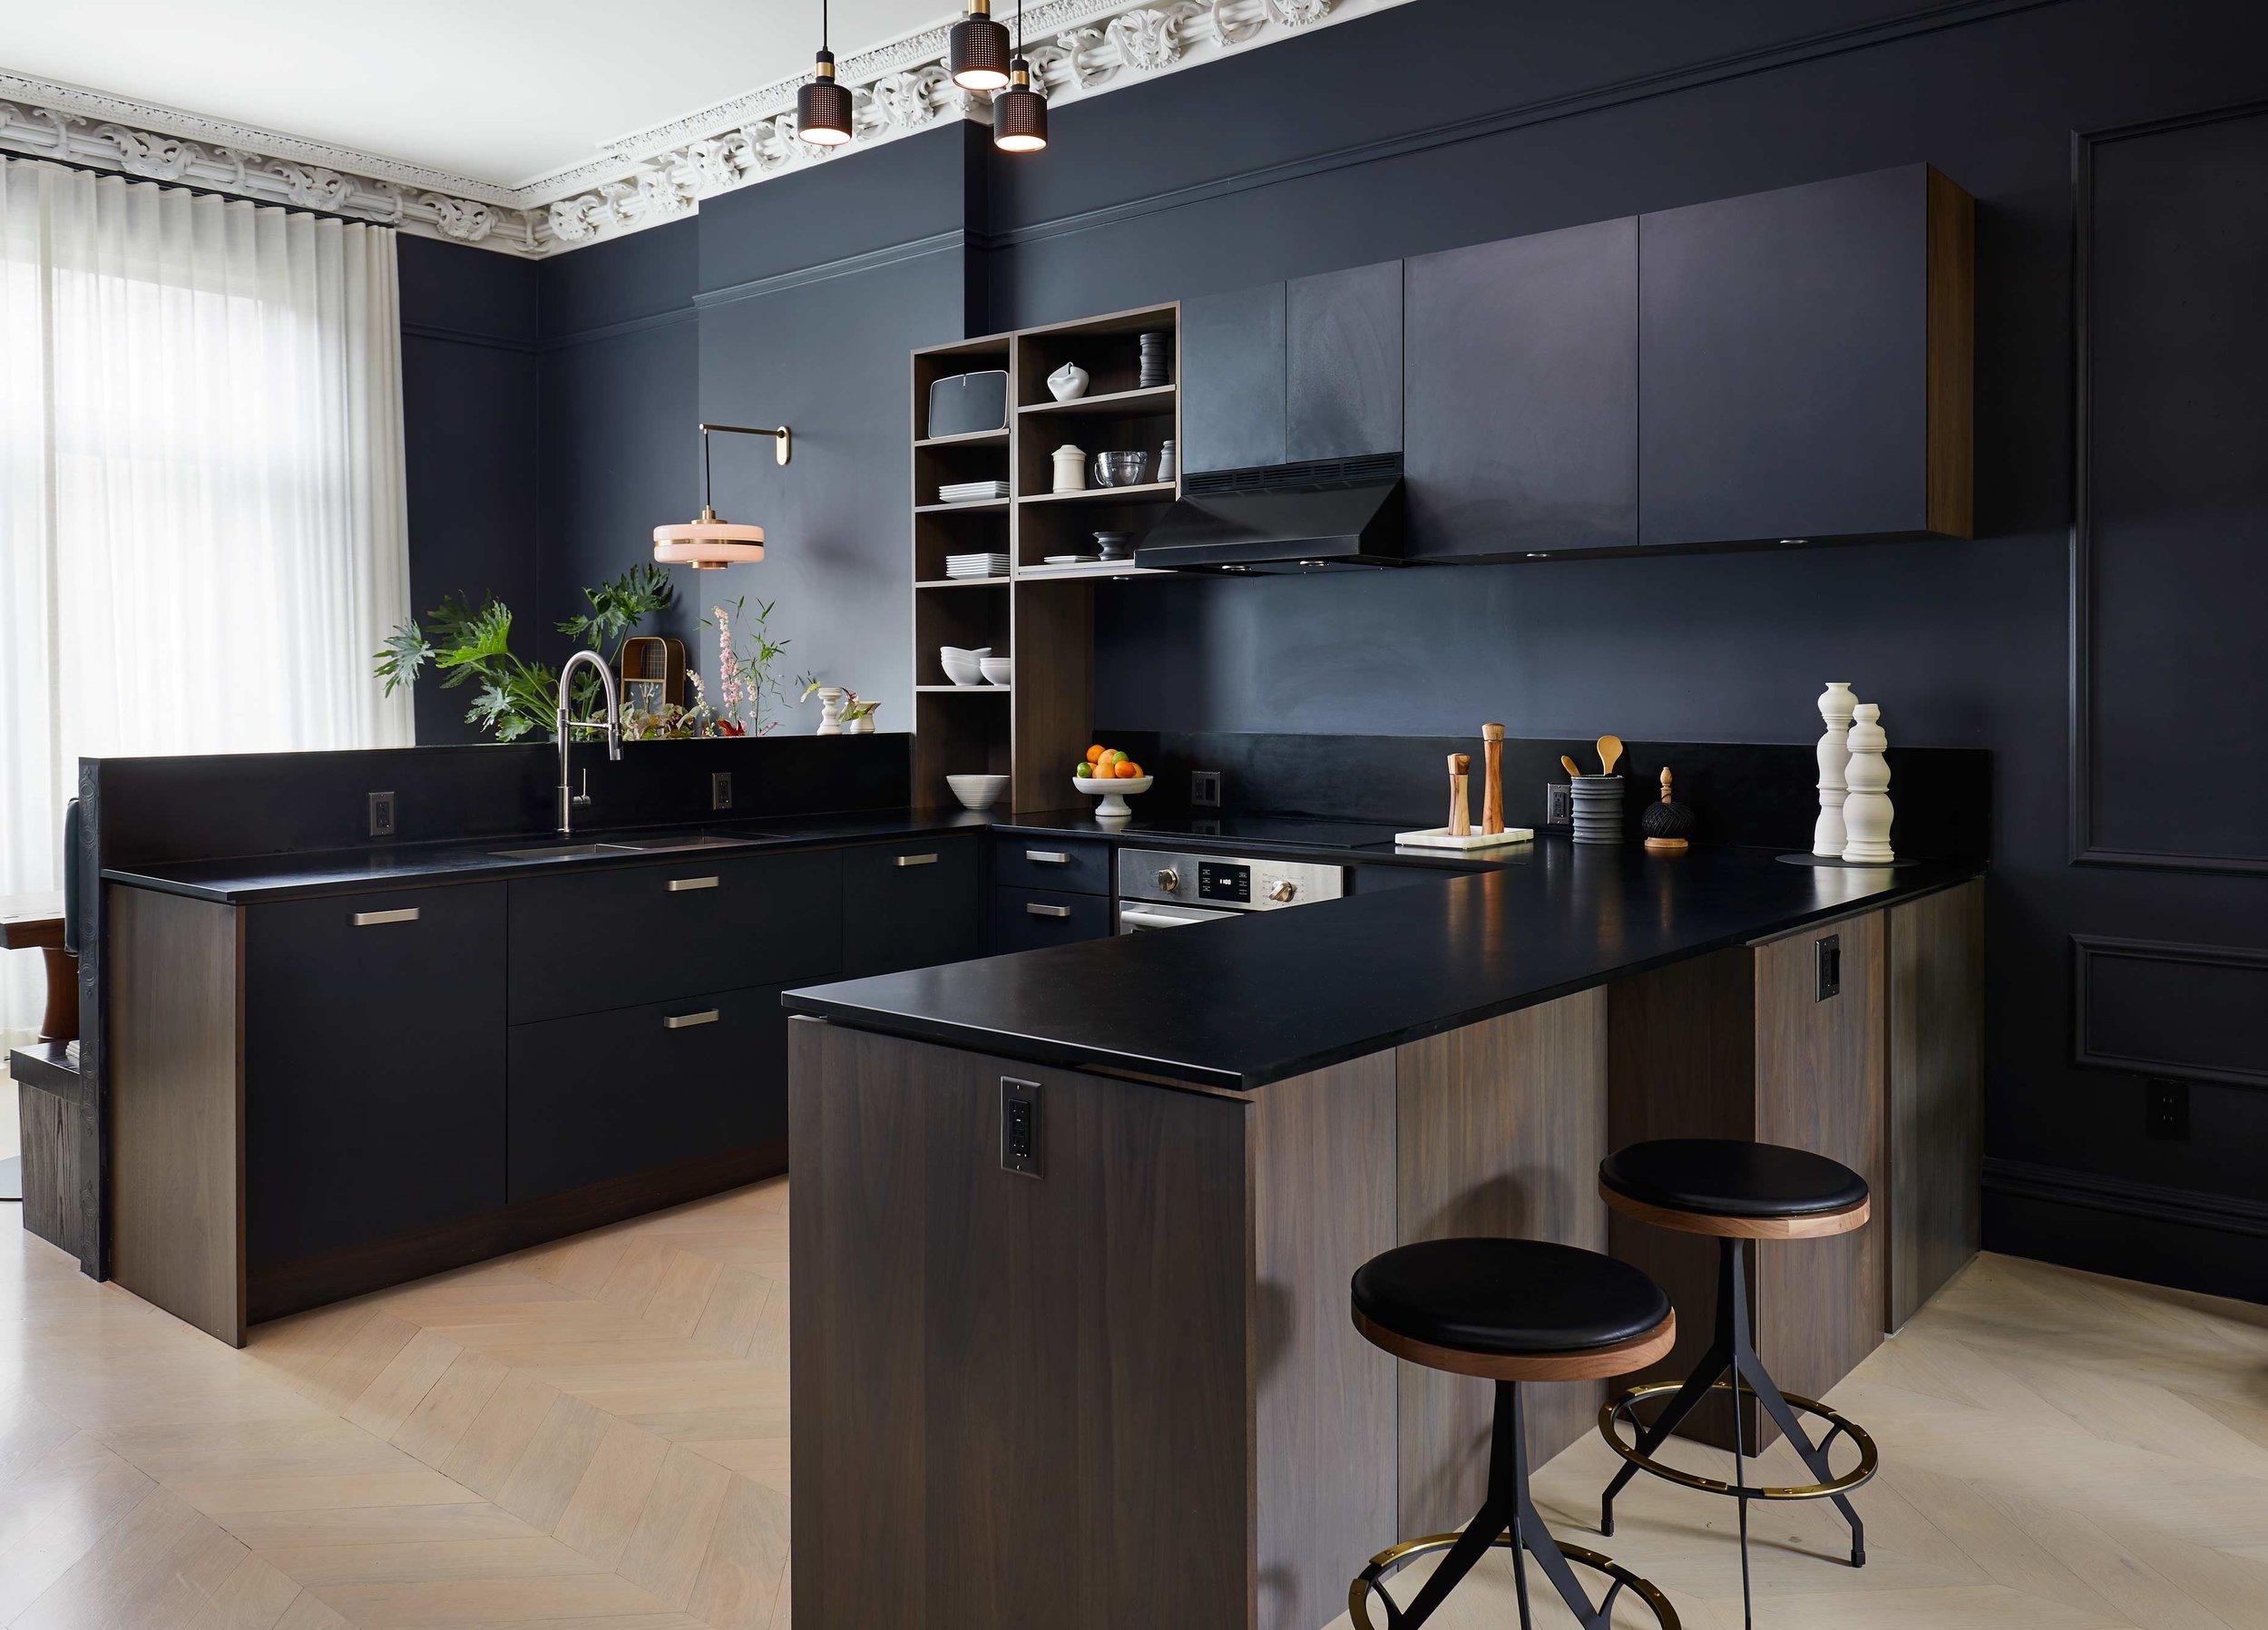 kitchen_052.jpg